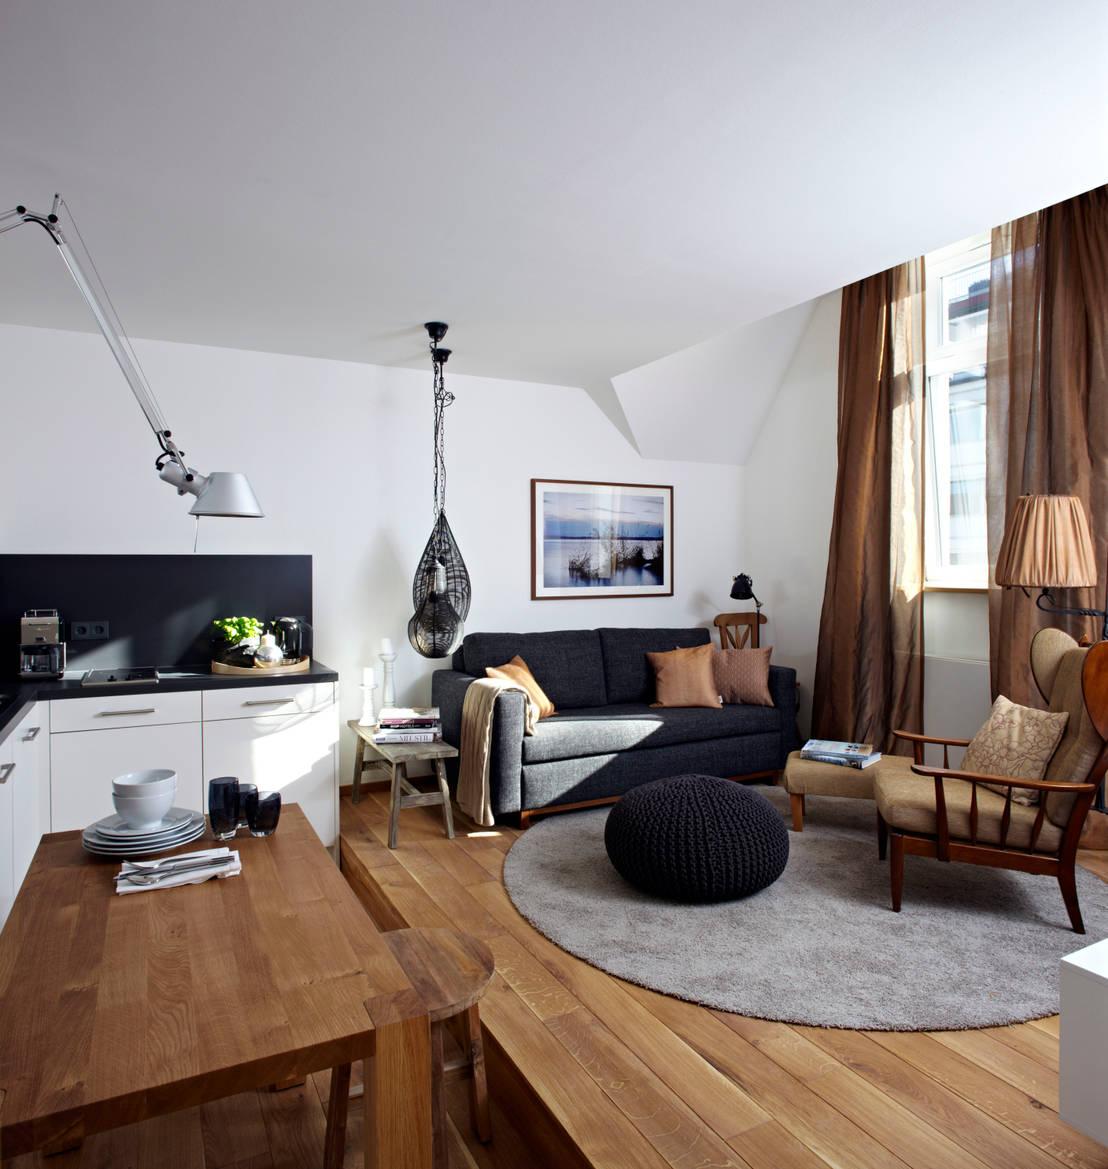 tipps zum einrichten einer gem tlichen ein zimmer wohnung. Black Bedroom Furniture Sets. Home Design Ideas